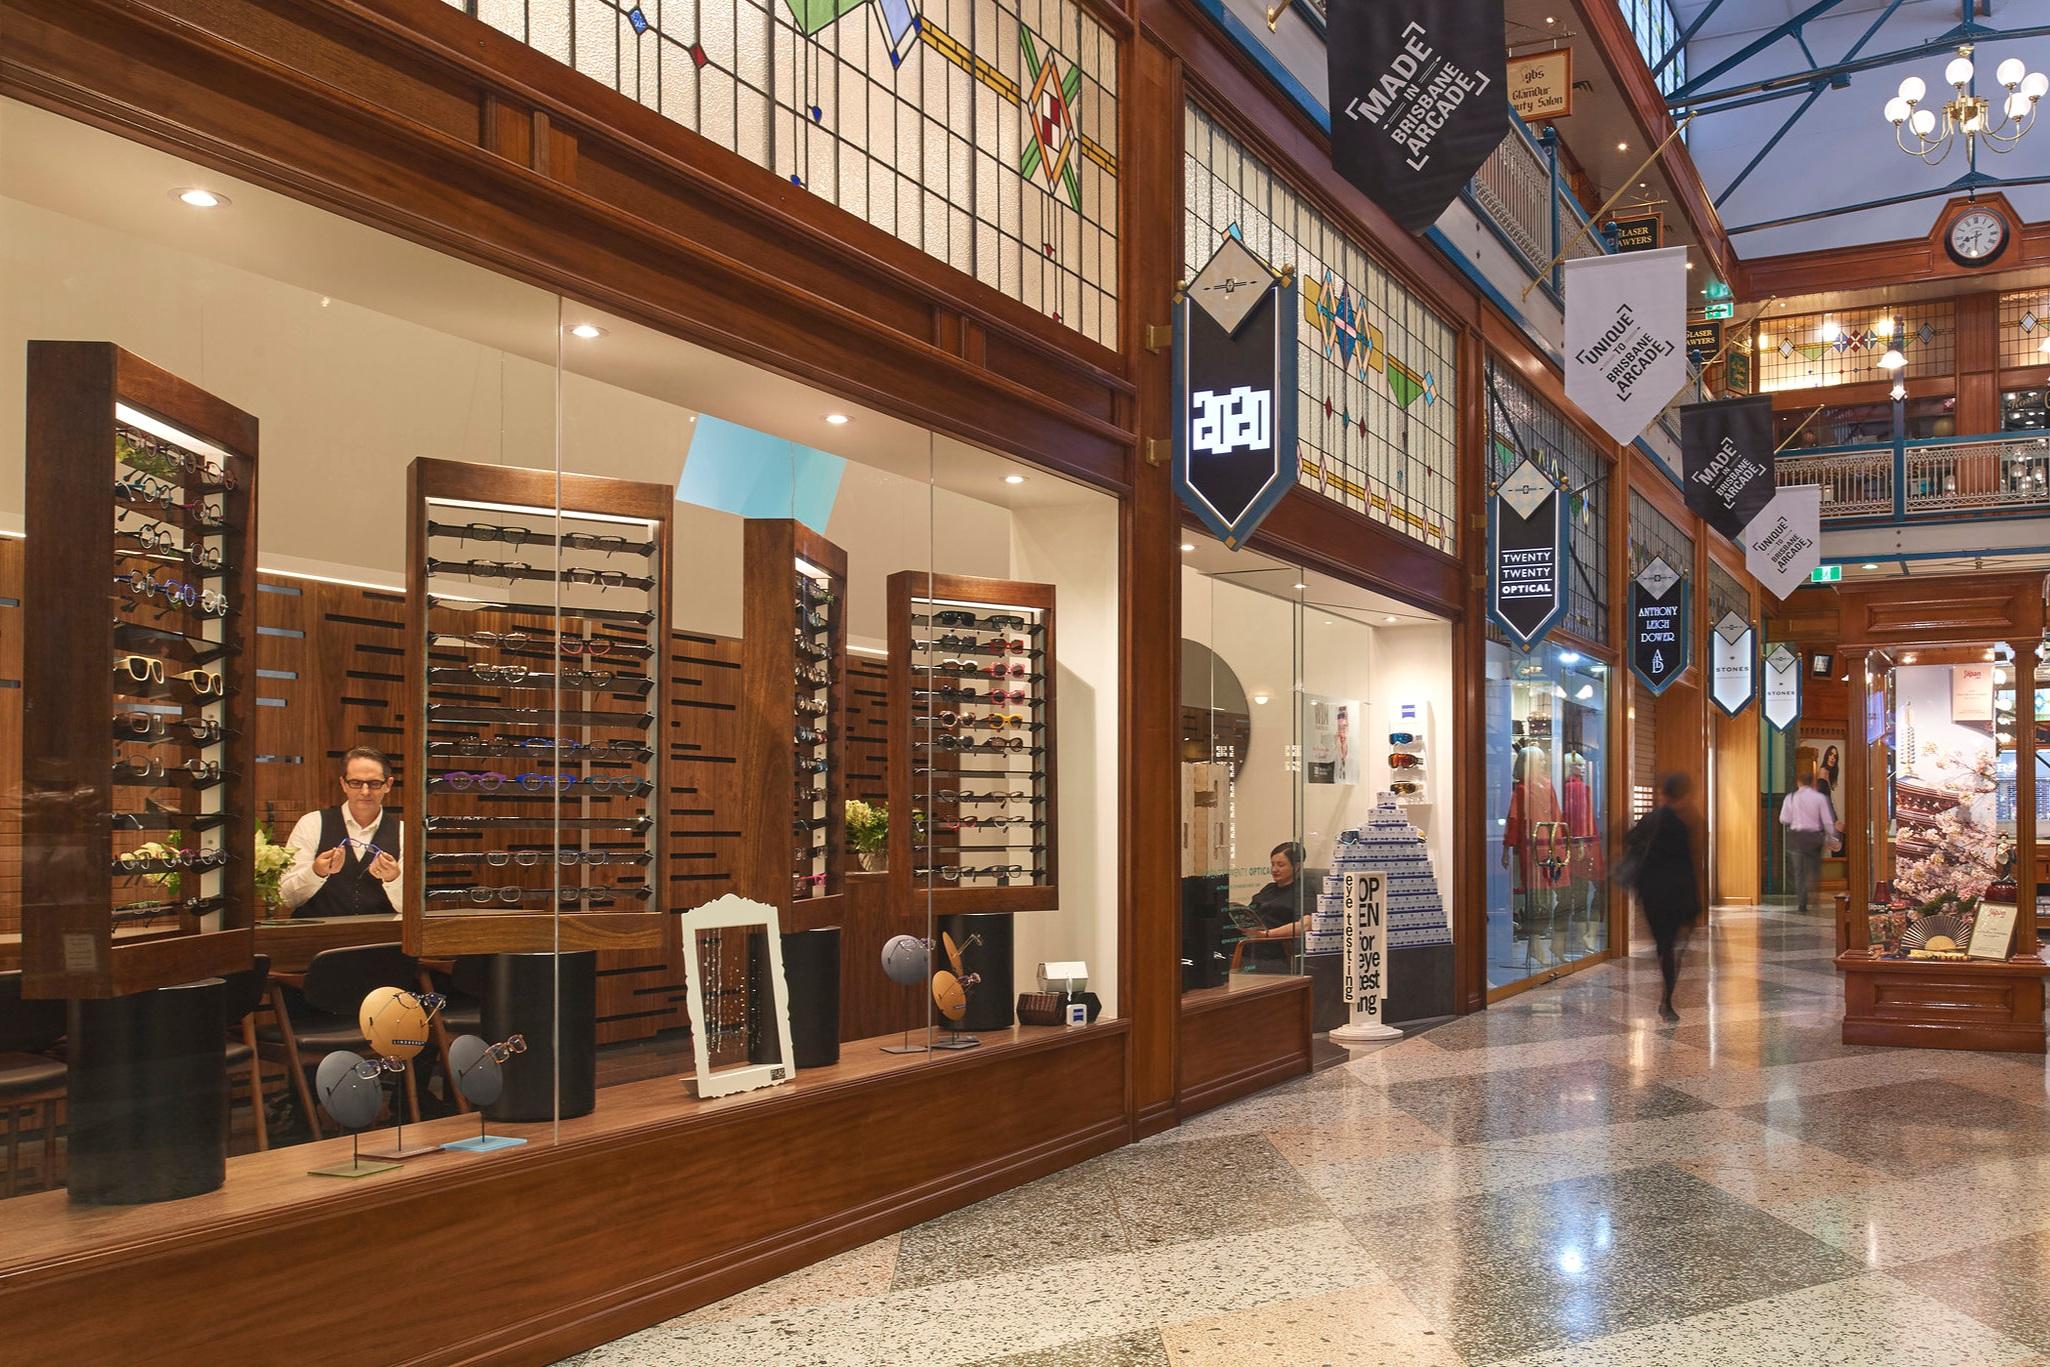 BRISBANE ARCADE 160 Queen Street, Brisbane City QLD 4000 (07) 3483 2020